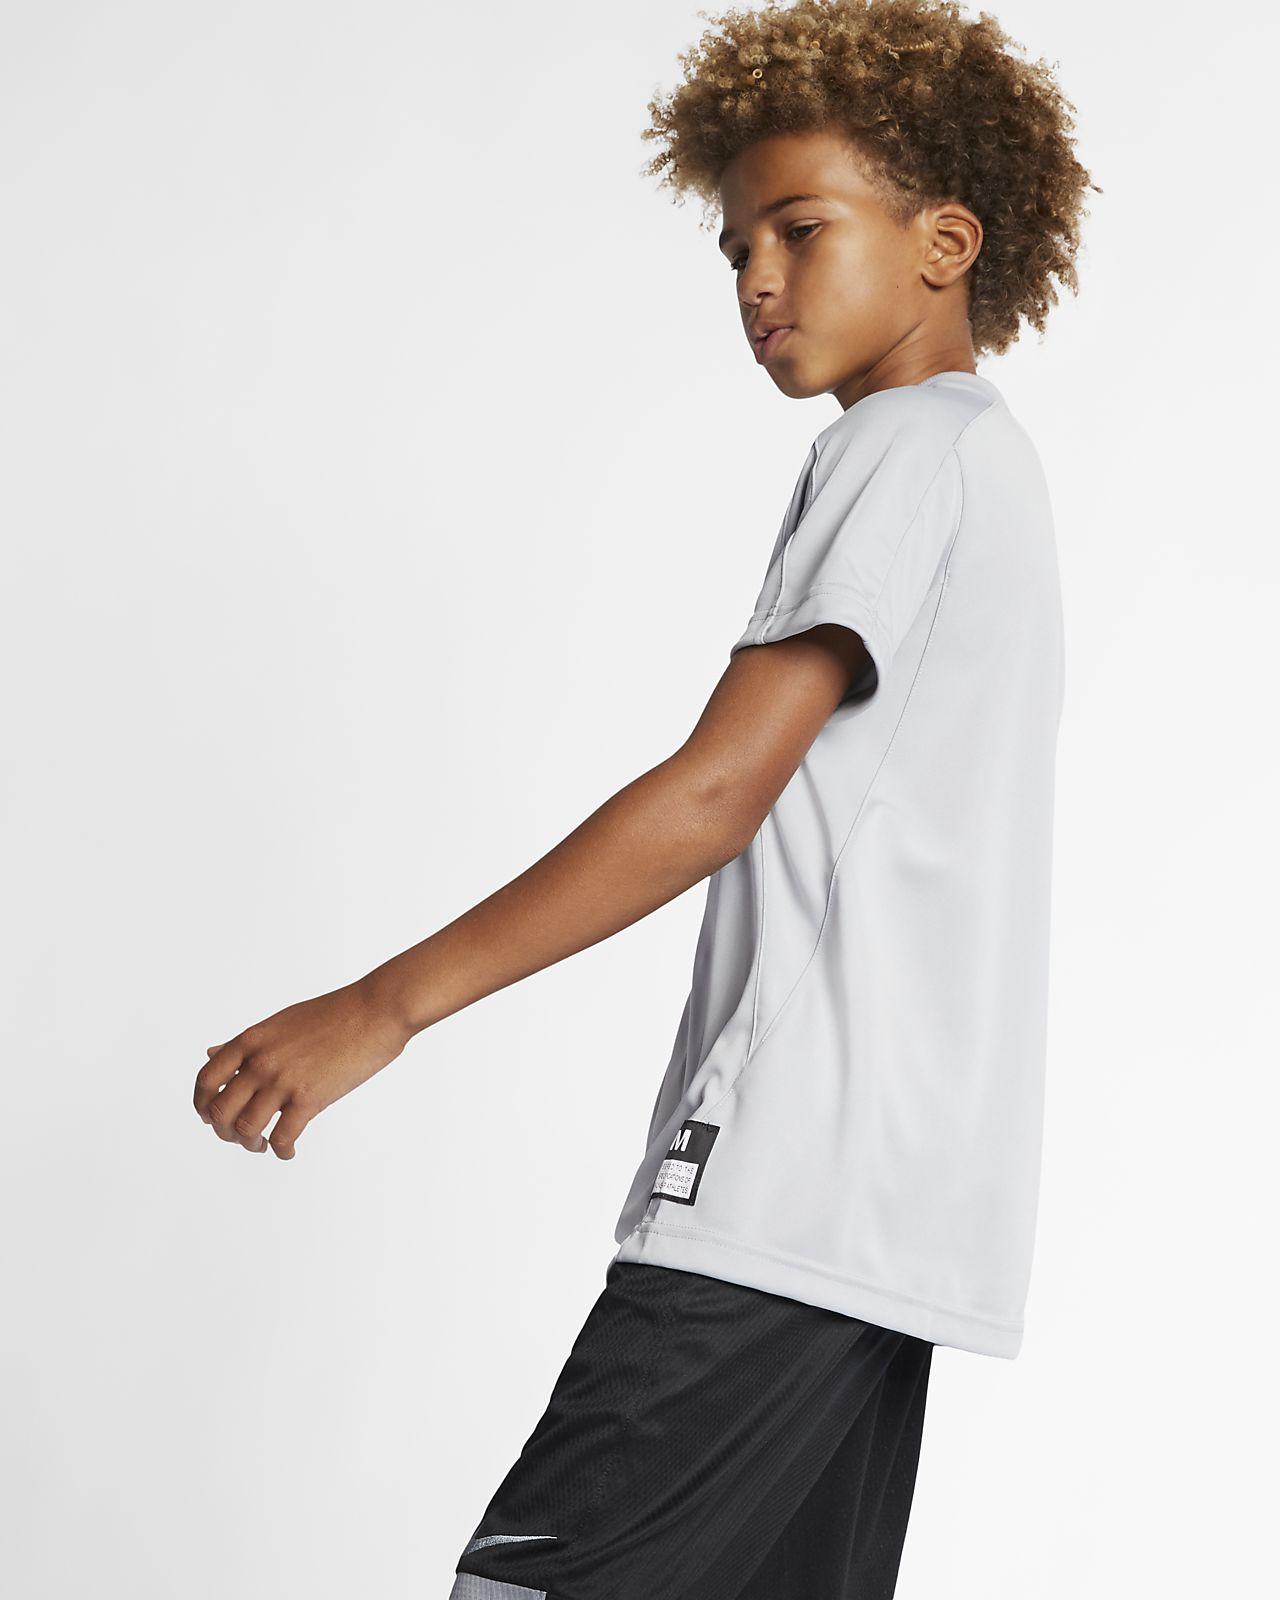 73d49808 Nike Vapor Dri-FIT Big Kids' (Boys') Baseball Jersey. Nike.com